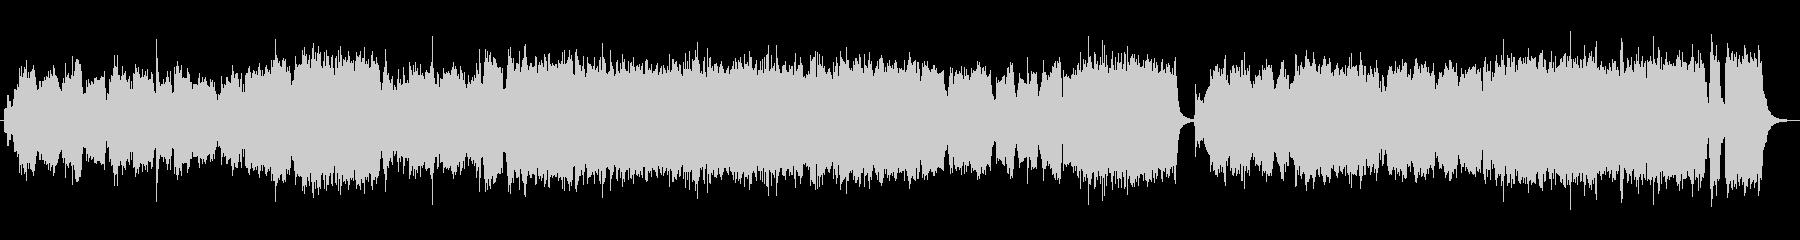 大河ドラマ風のオーケストラ曲ですの未再生の波形